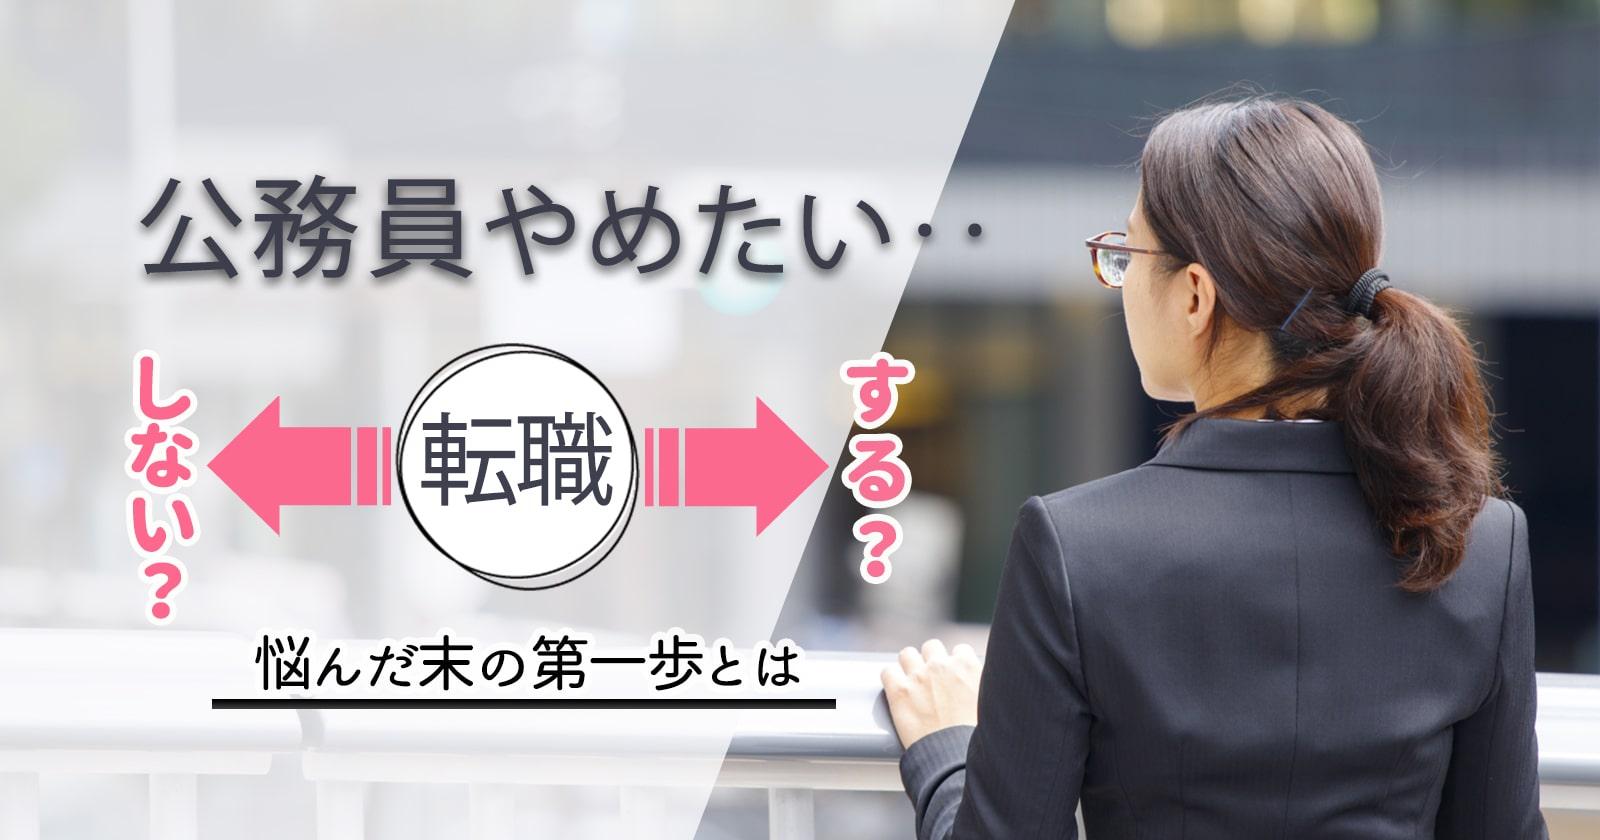 公務員を辞めたい40代女性。転職するか悩んだ末にとった行動とは?